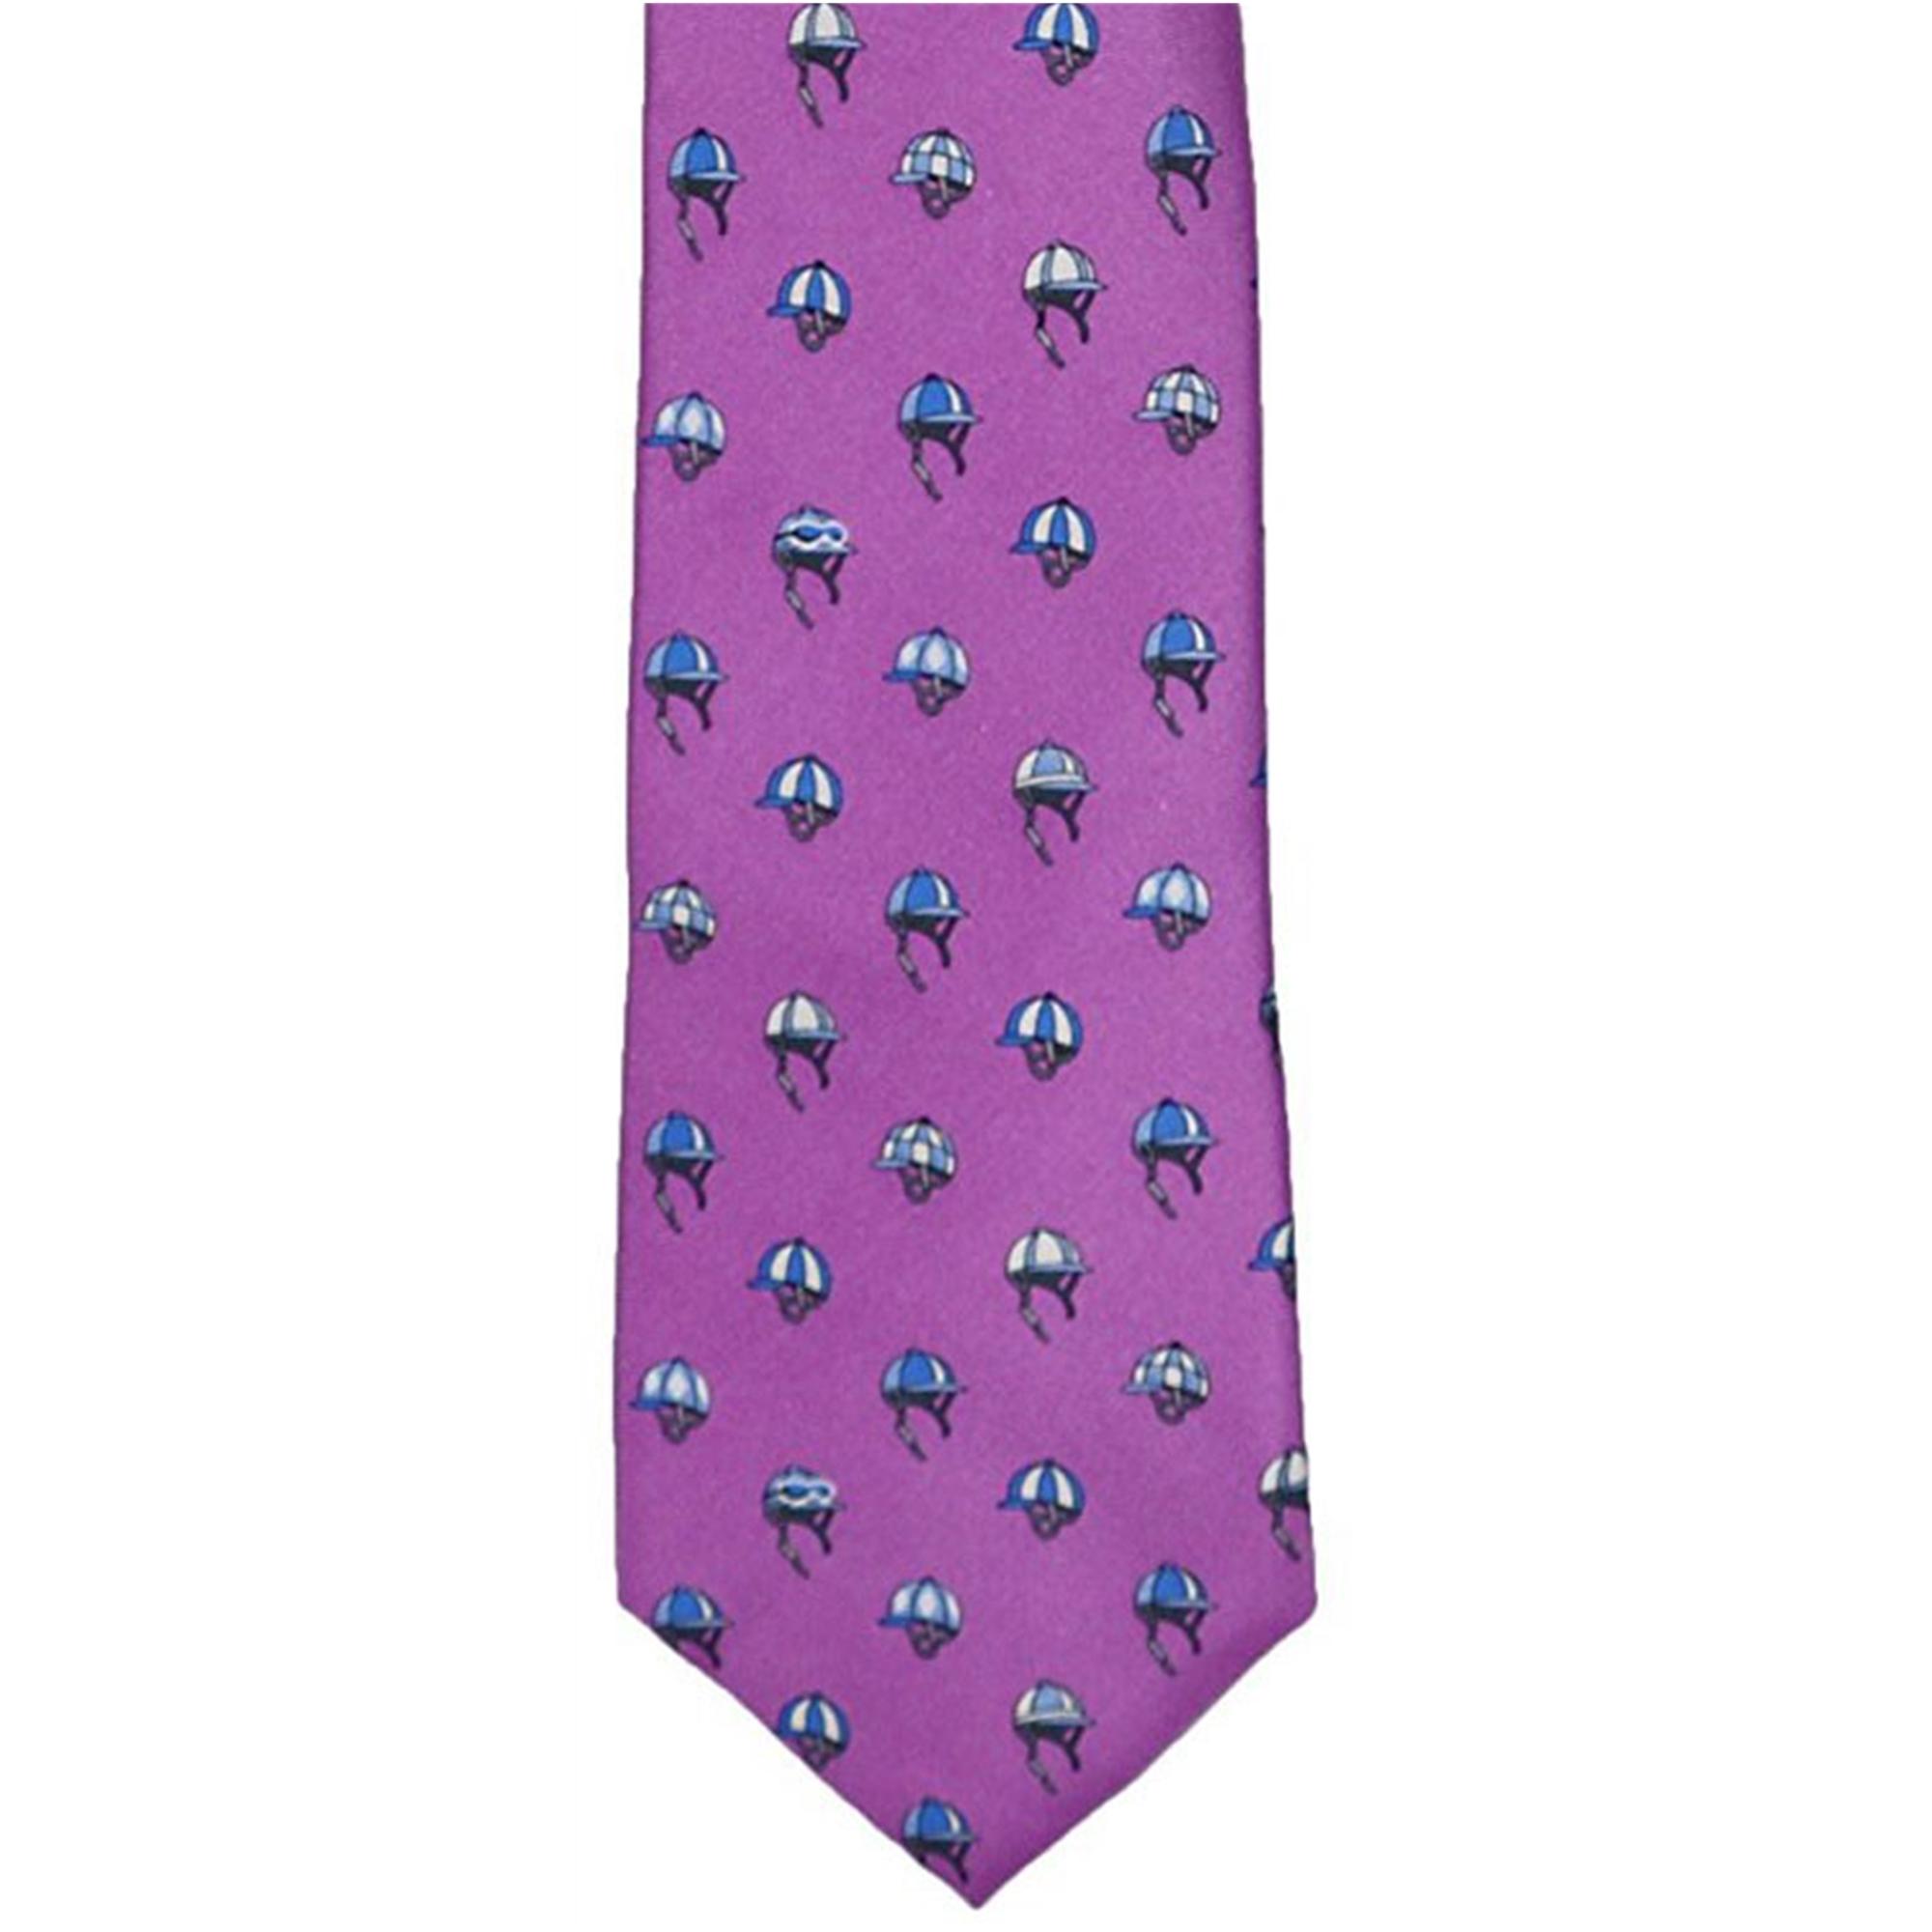 Tommy Hilfiger Mens Printed Necktie